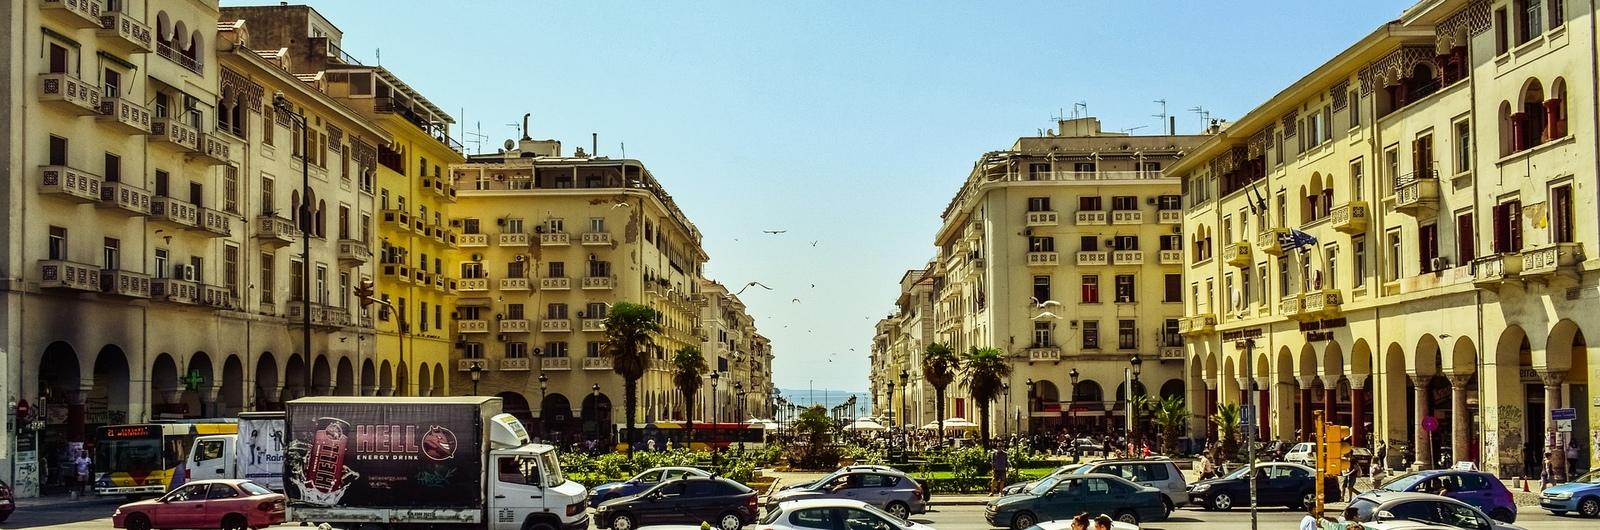 thessaloniki city header